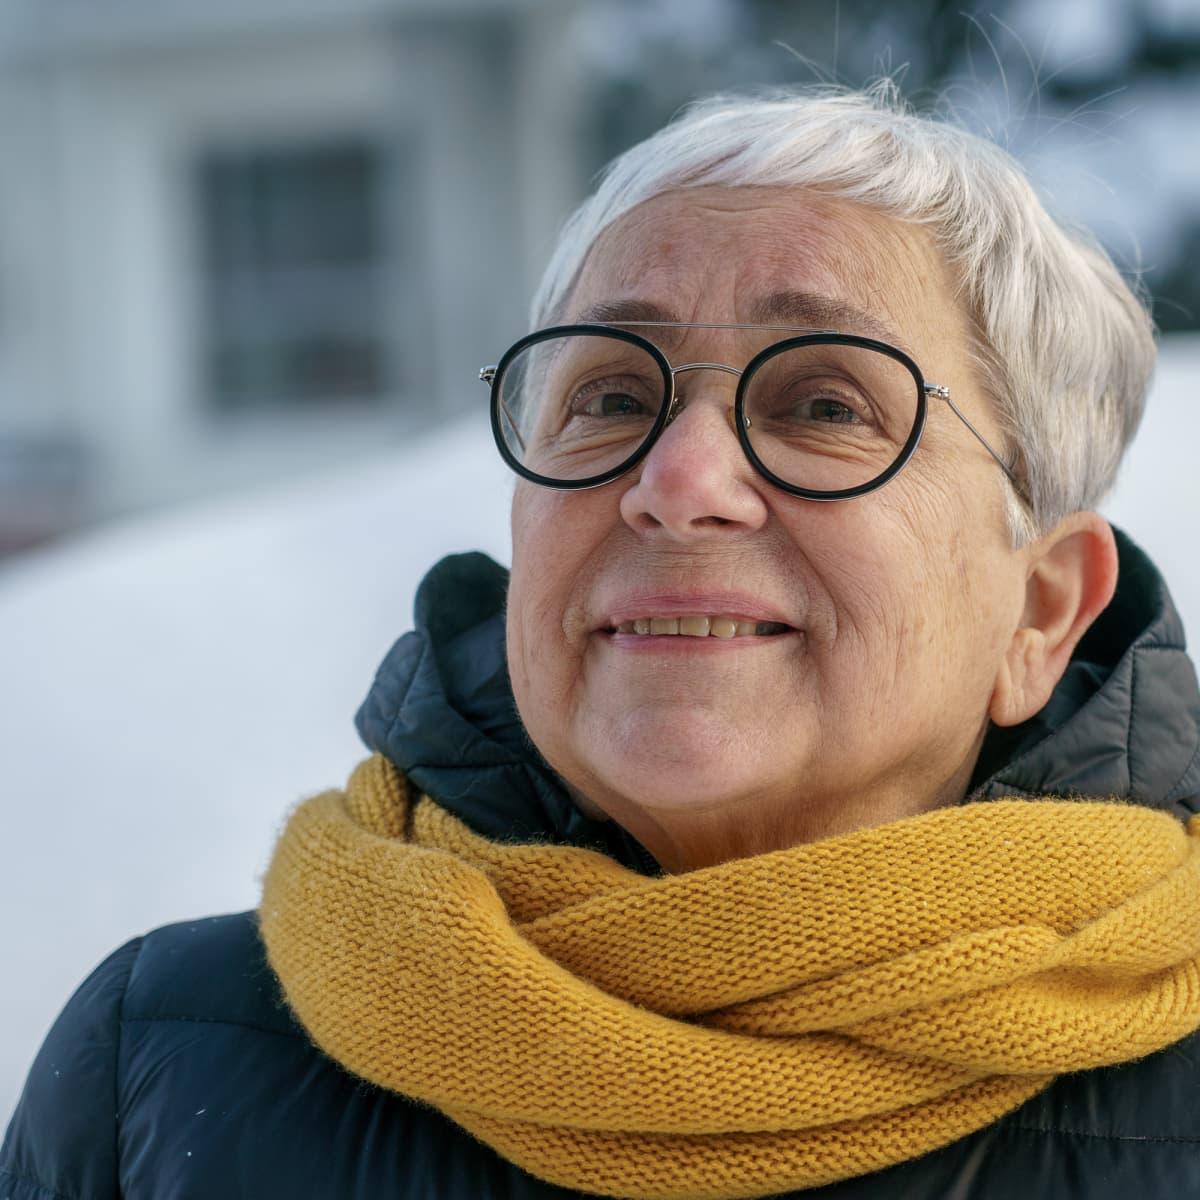 Omaishoitaja Marja-Liisa Saarinen ulkovaatteissa henkilökuvassa.